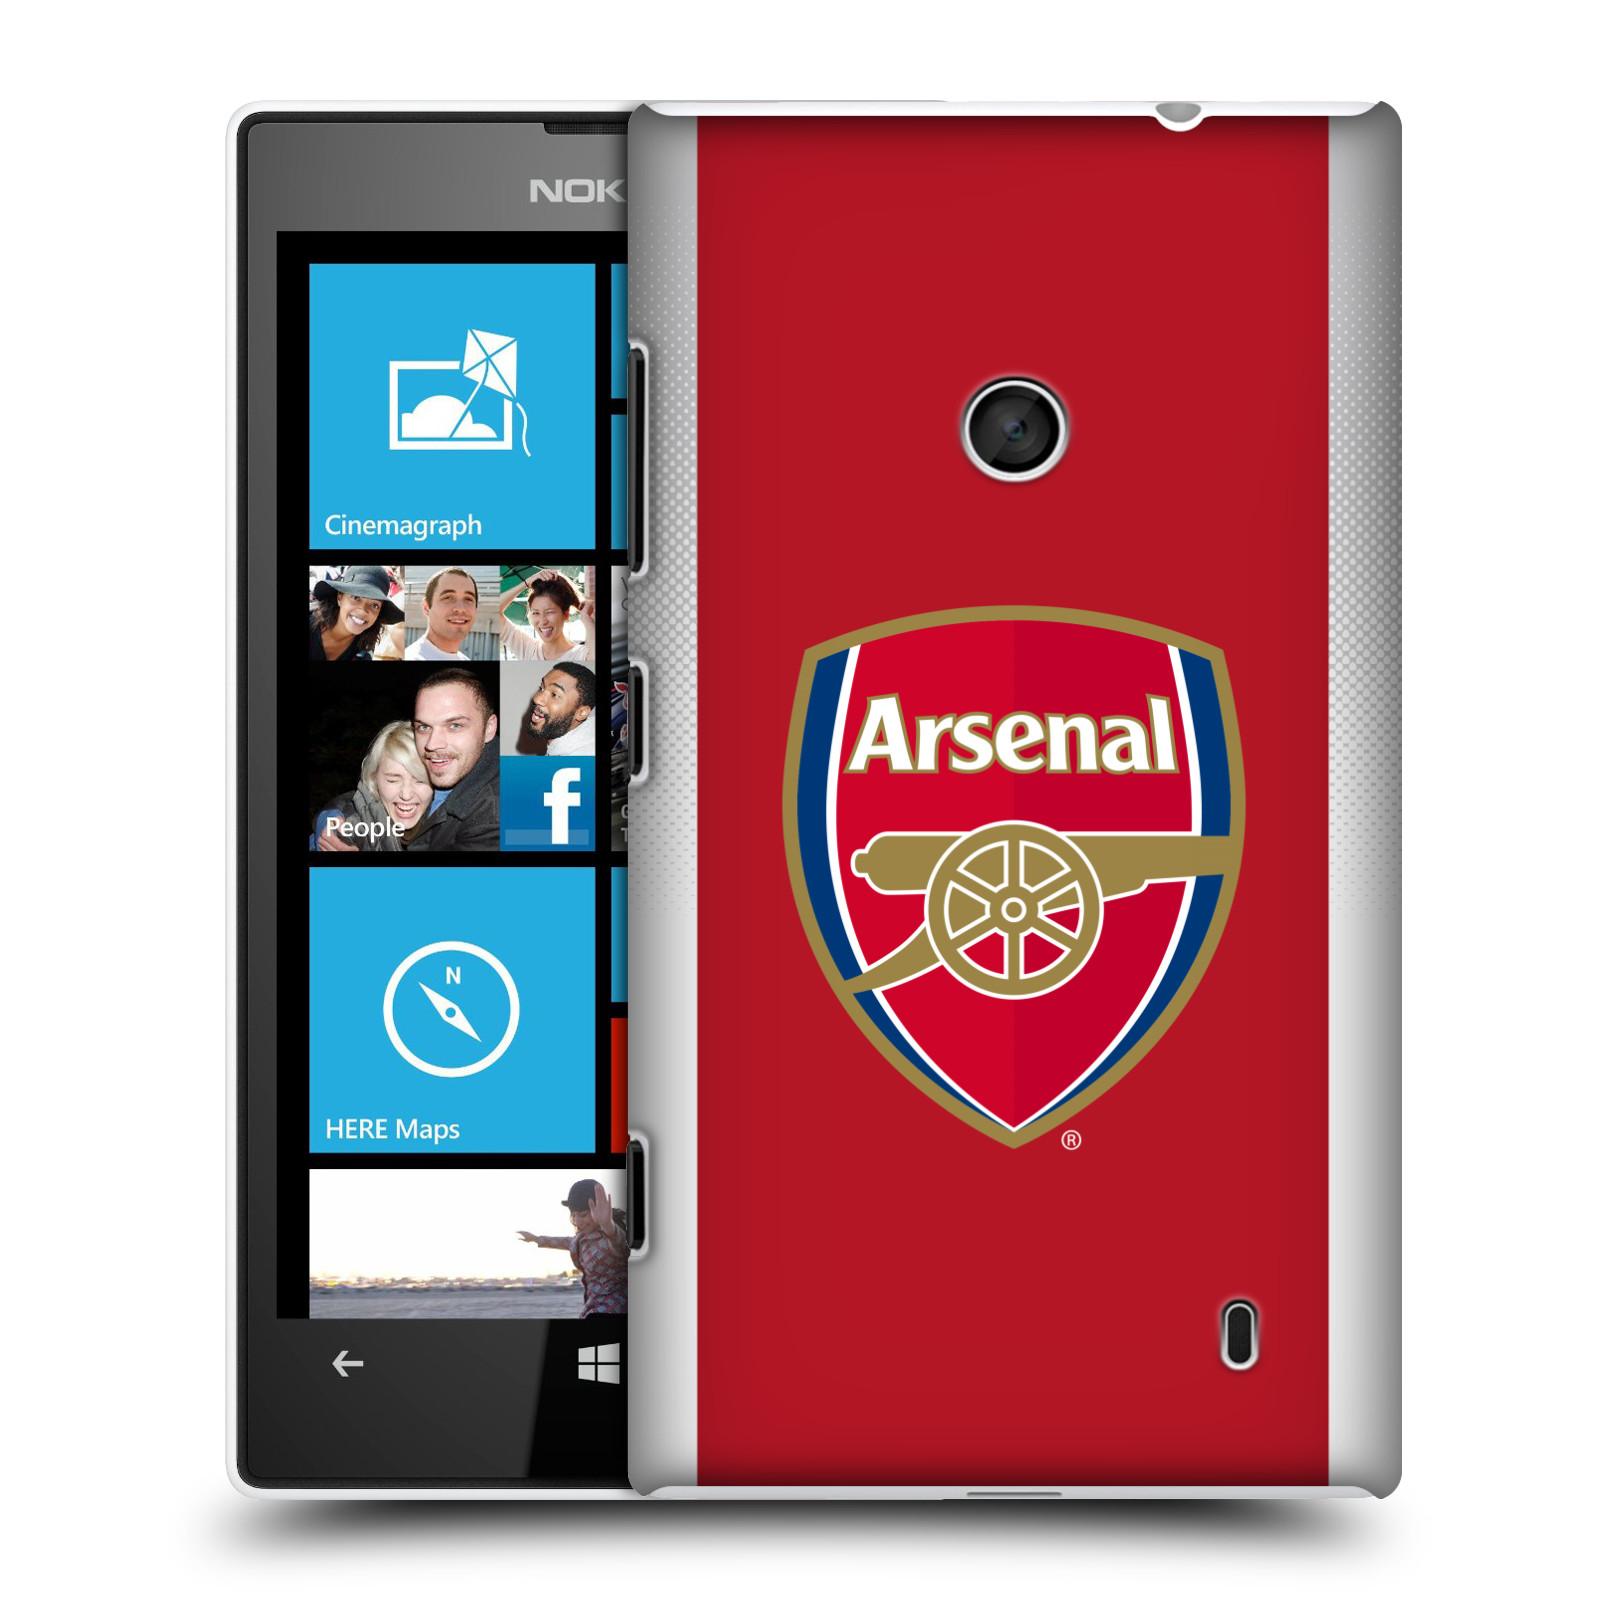 Plastové pouzdro na mobil Nokia Lumia 520 - Head Case - Arsenal FC - Logo klubu